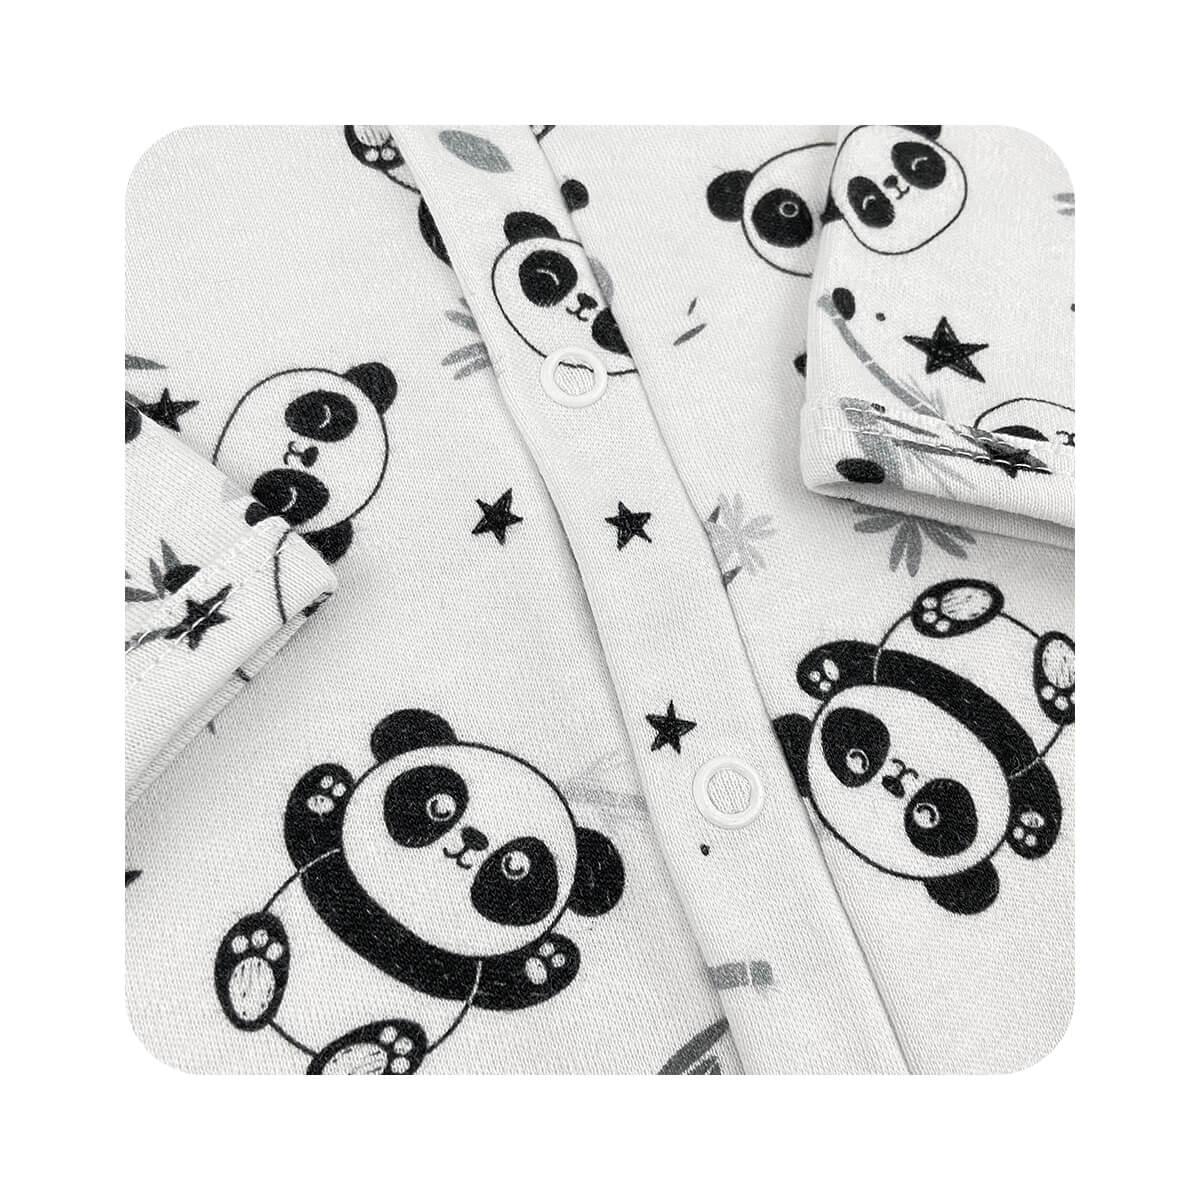 Macacão Básico Pandas - Tamanhos RN e P com pezinho; M, G e XG sem pezinho  - Piu Blu